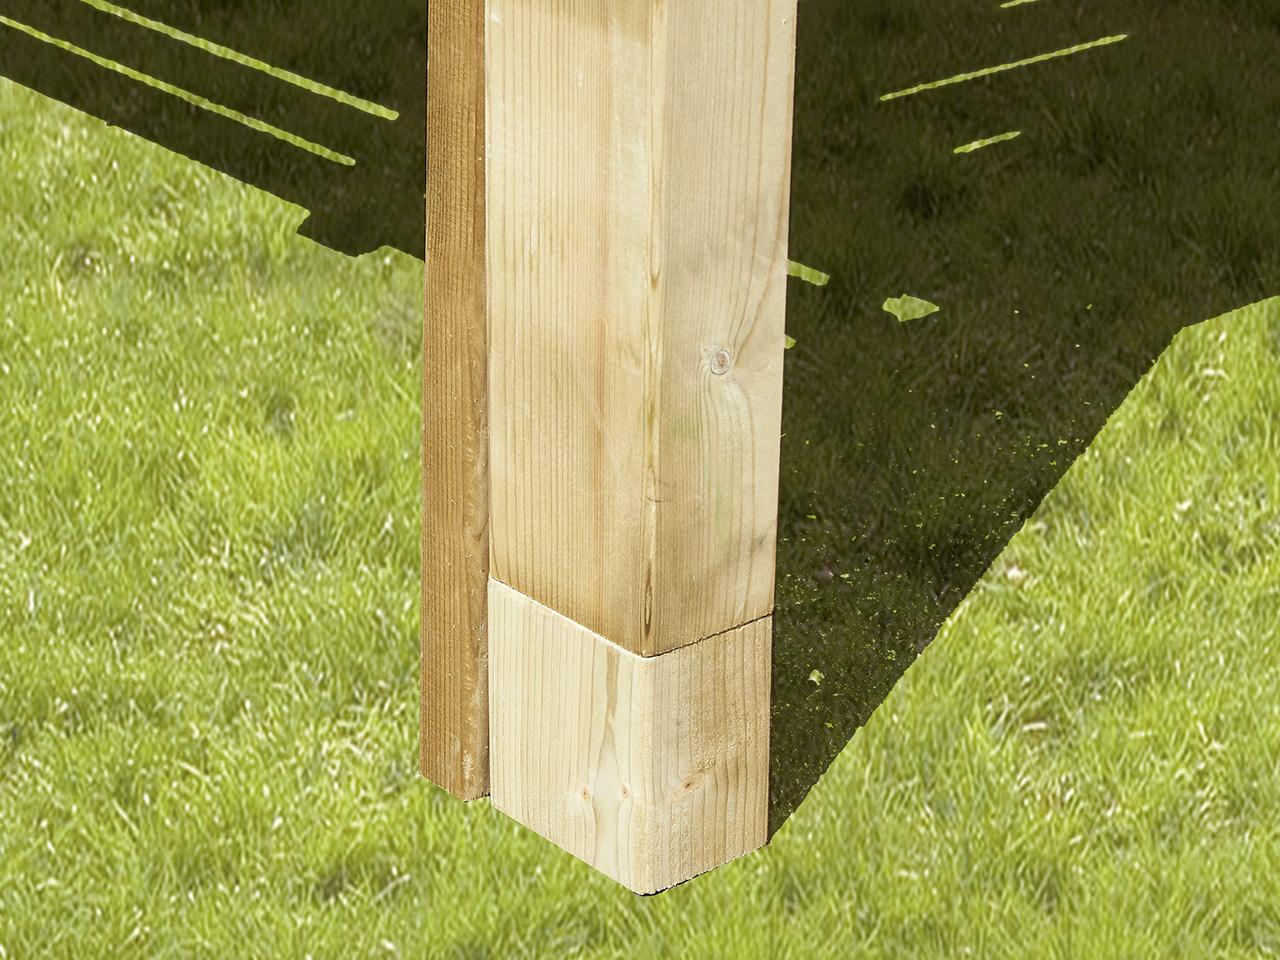 Poteau Bois Pour Terrasse kit bois rehausse plancher | clairval